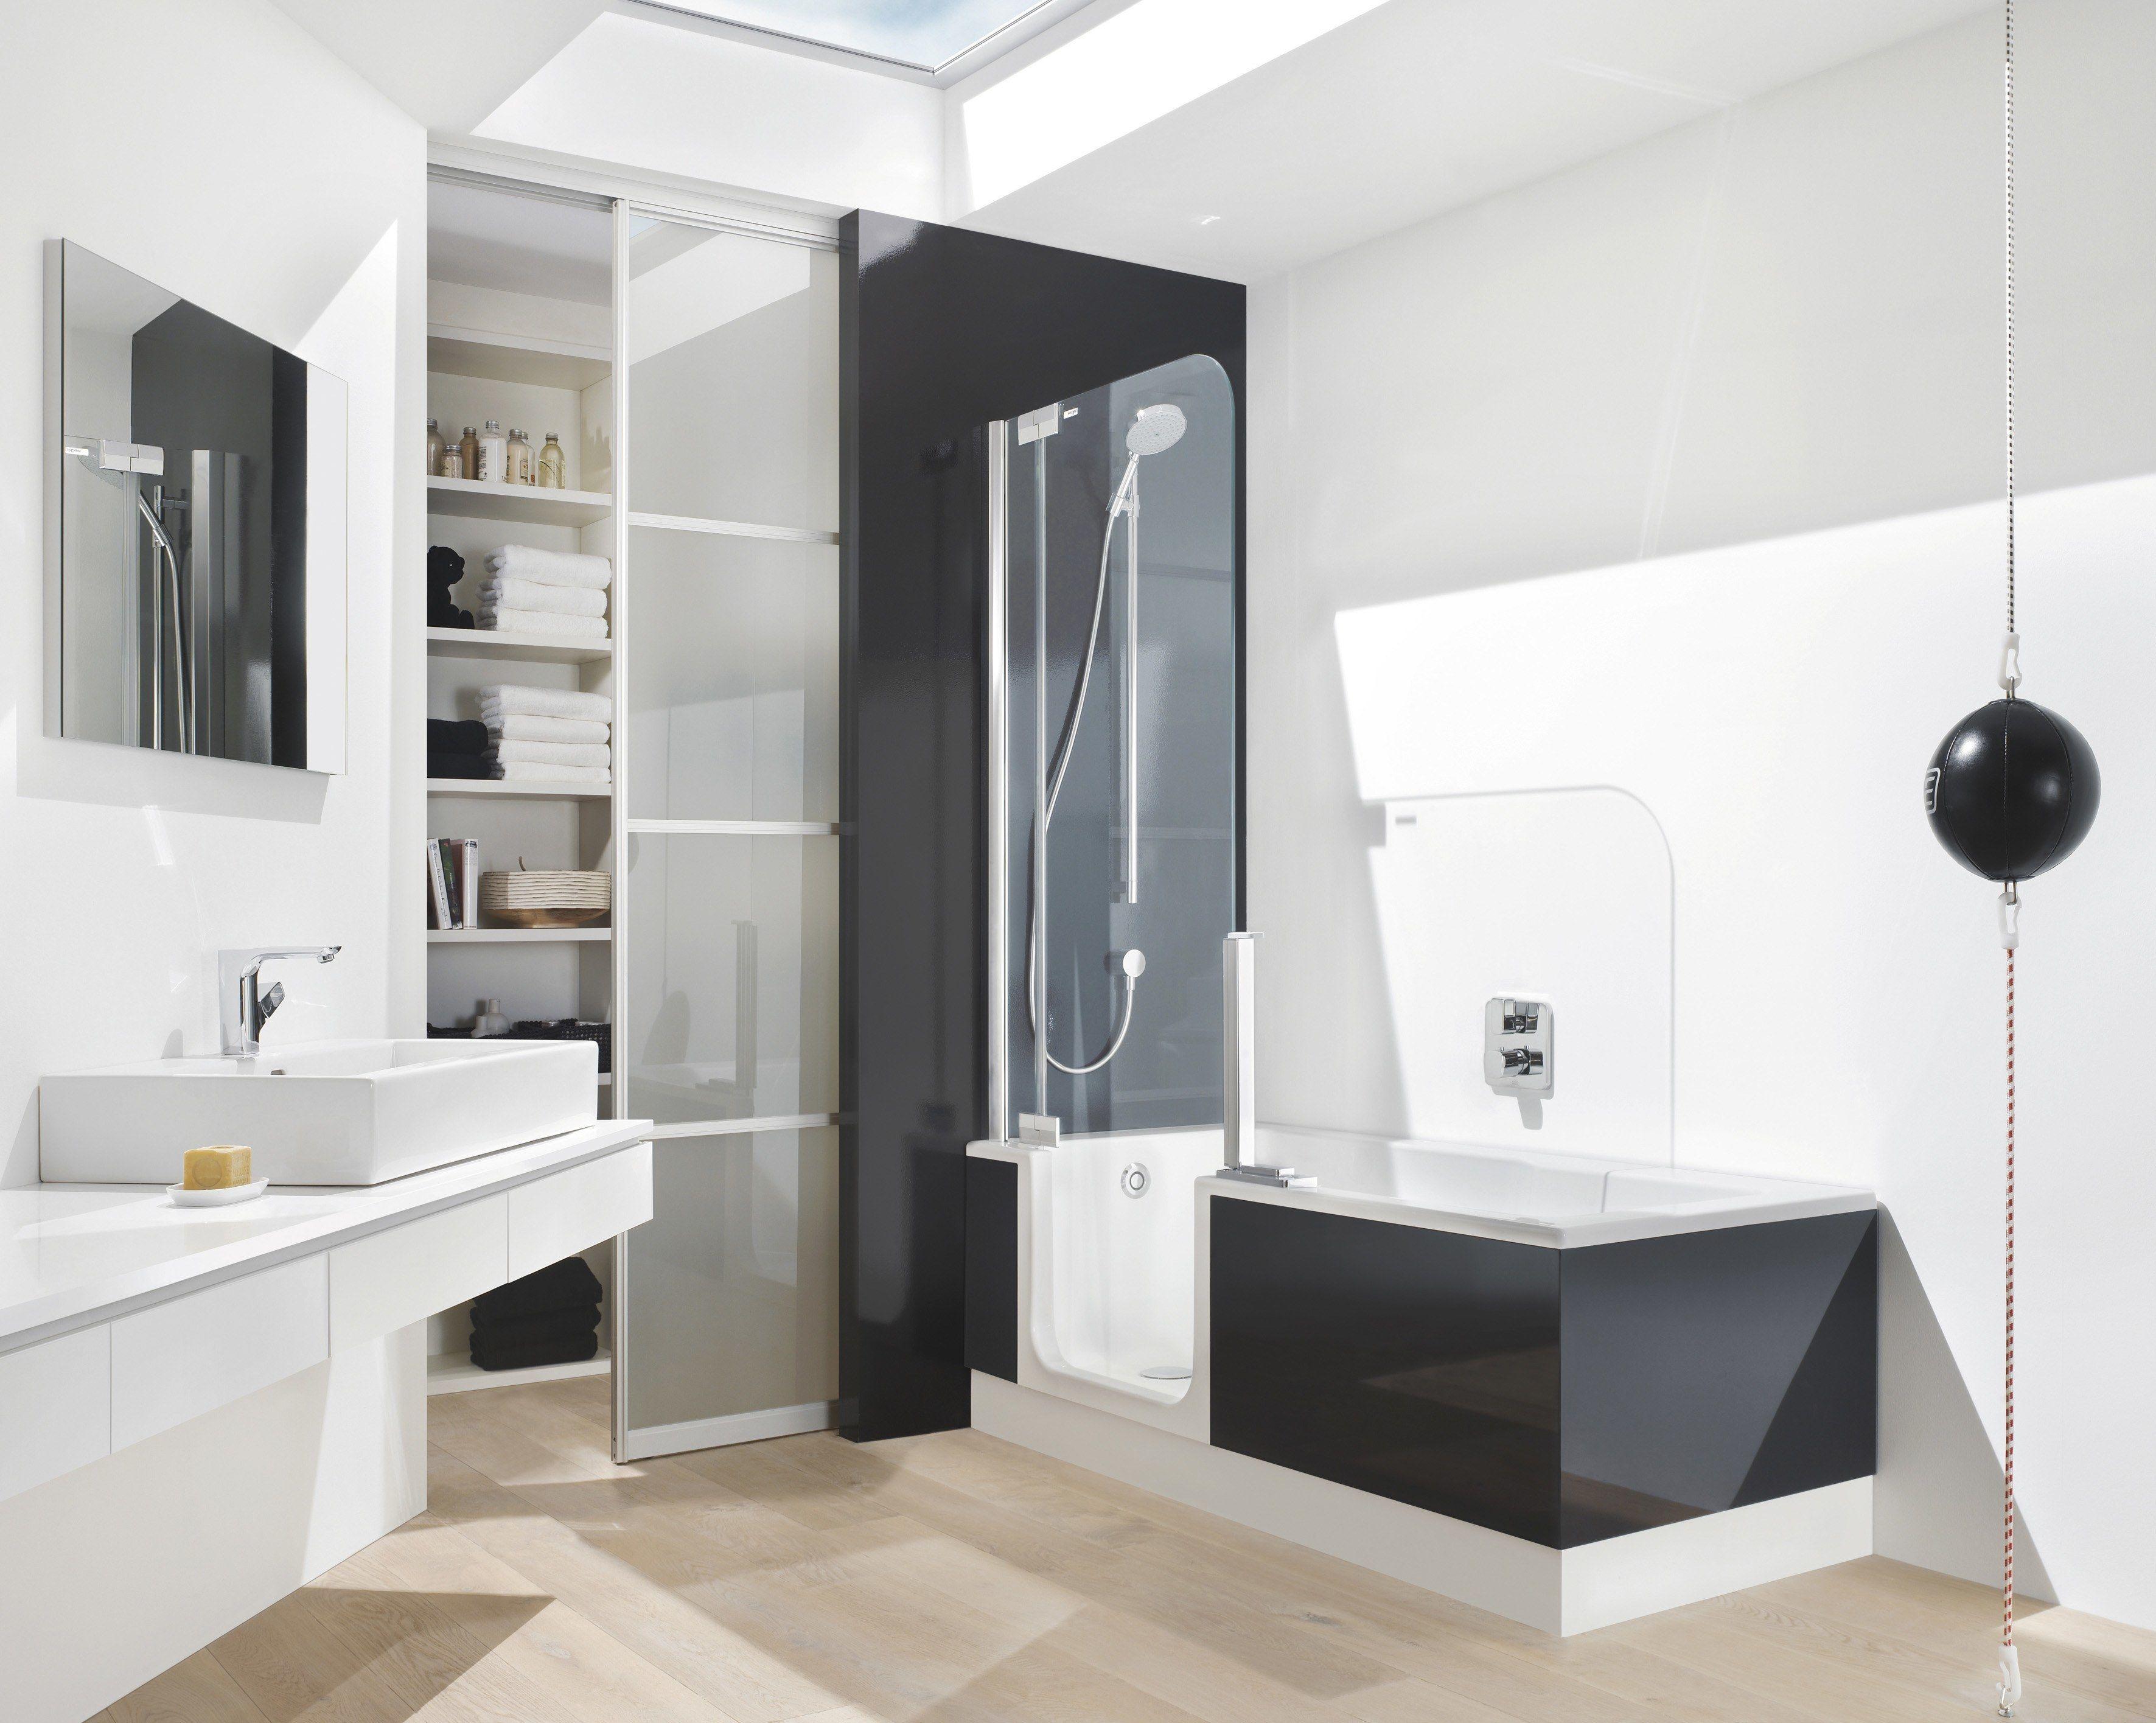 Erstaunliche Badezimmer Mit Wanne Und Dusche Badewanne